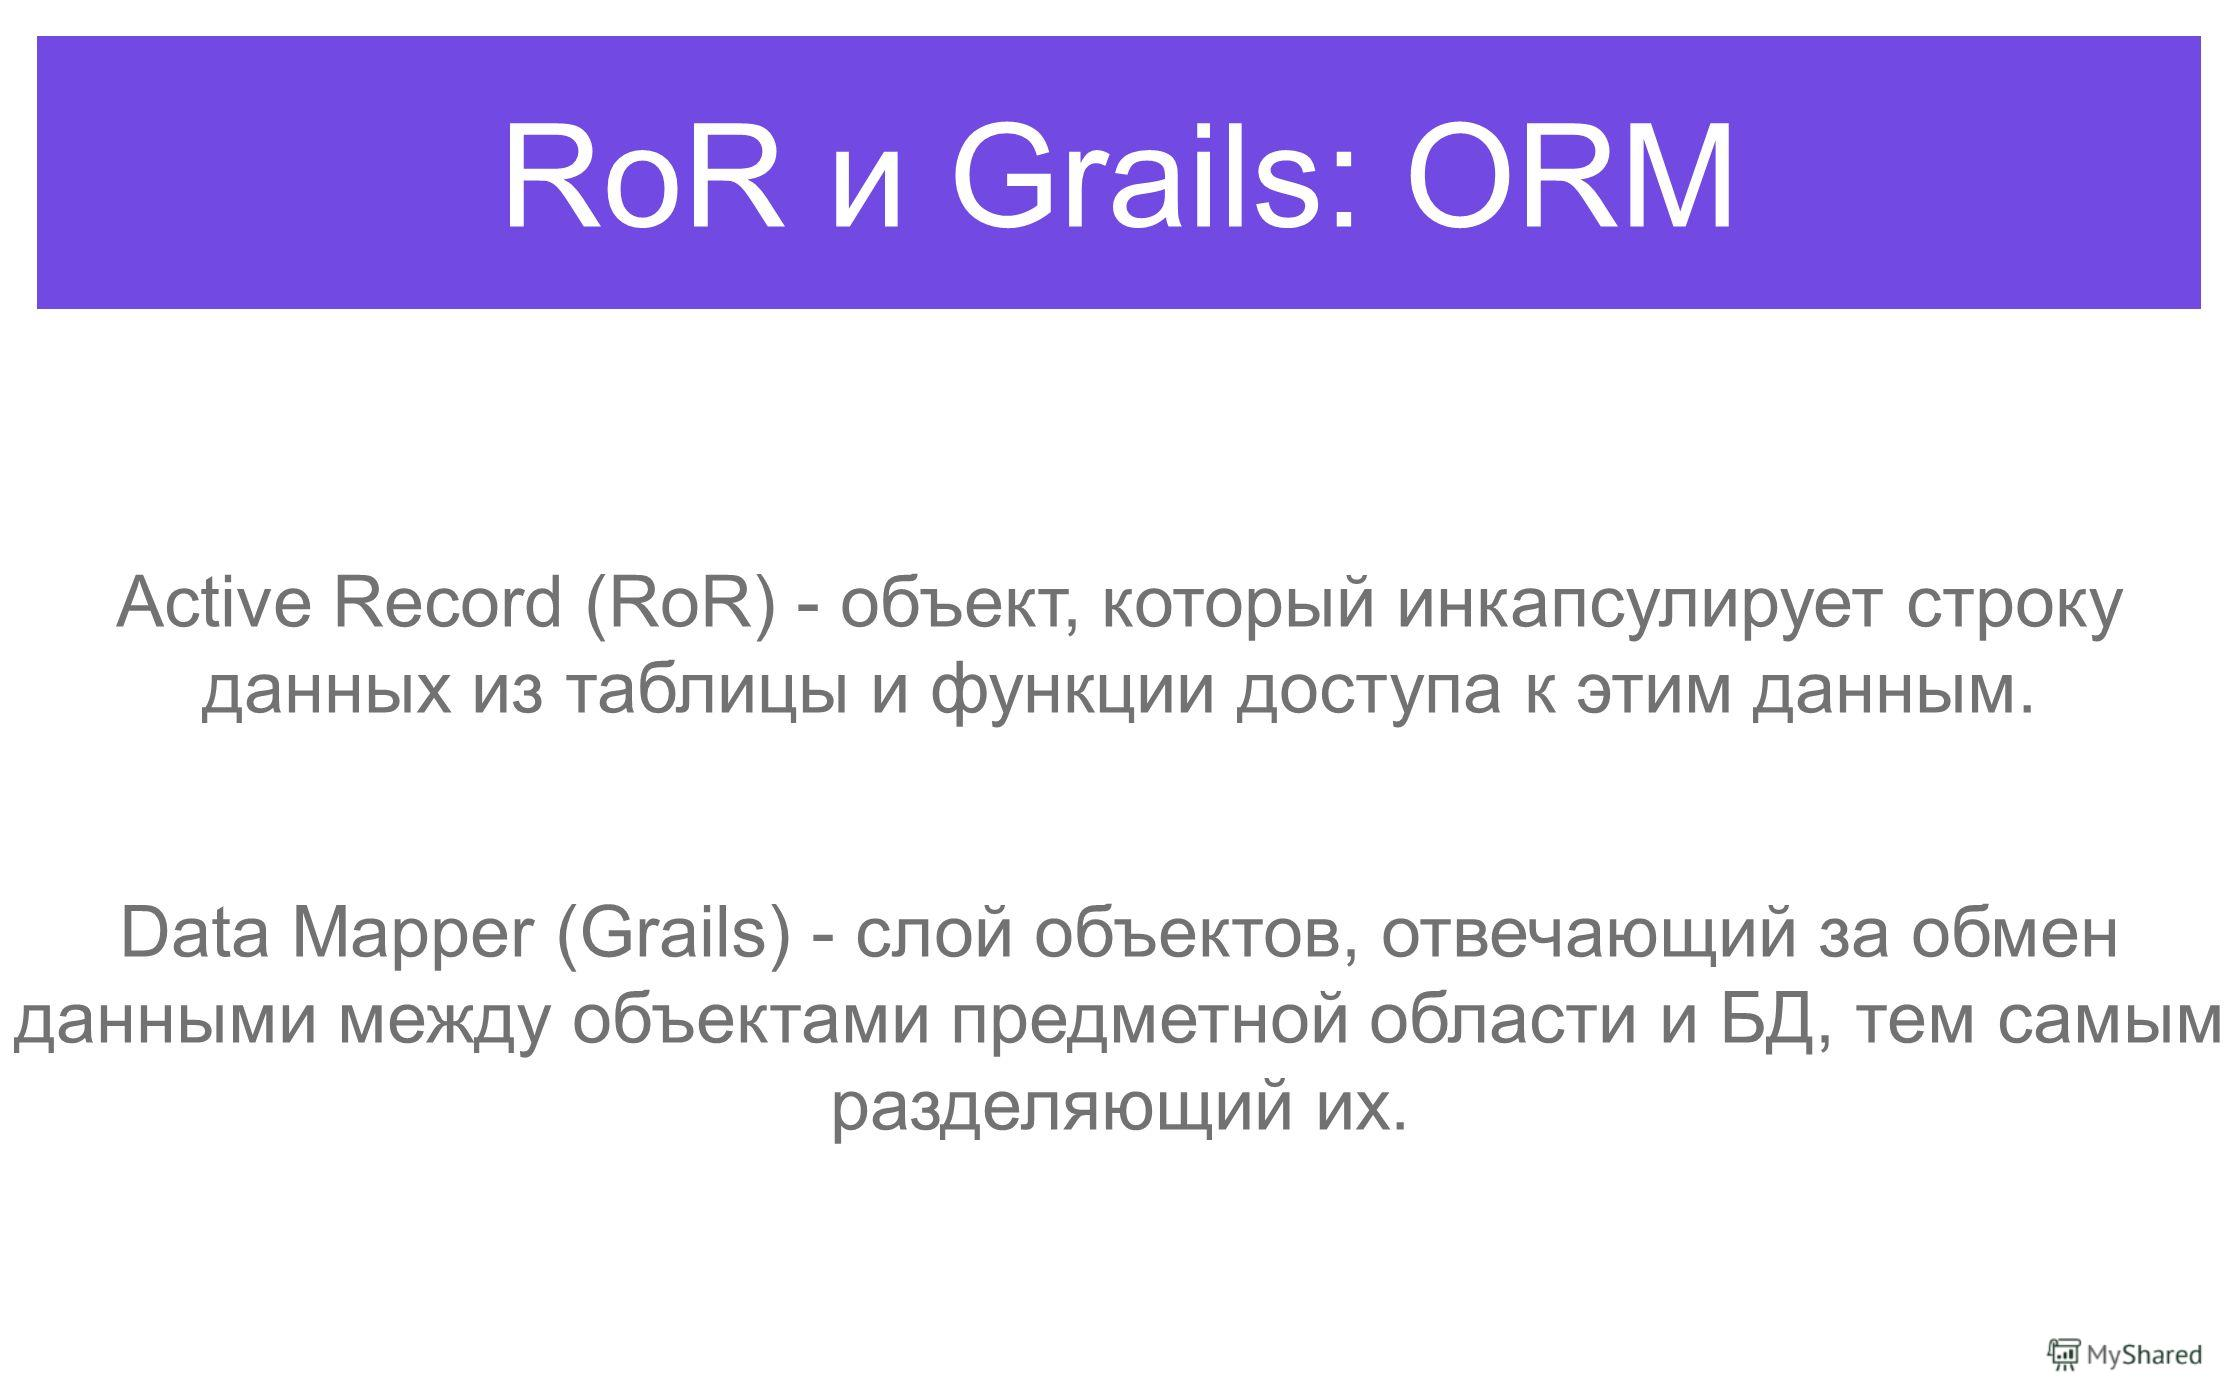 RoR и Grails: ORM Active Record (RoR) - объект, который инкапсулирует строку данных из таблицы и функции доступа к этим данным. Data Mapper (Grails) - слой объектов, отвечающий за обмен данными между объектами предметной области и БД, тем самым разде